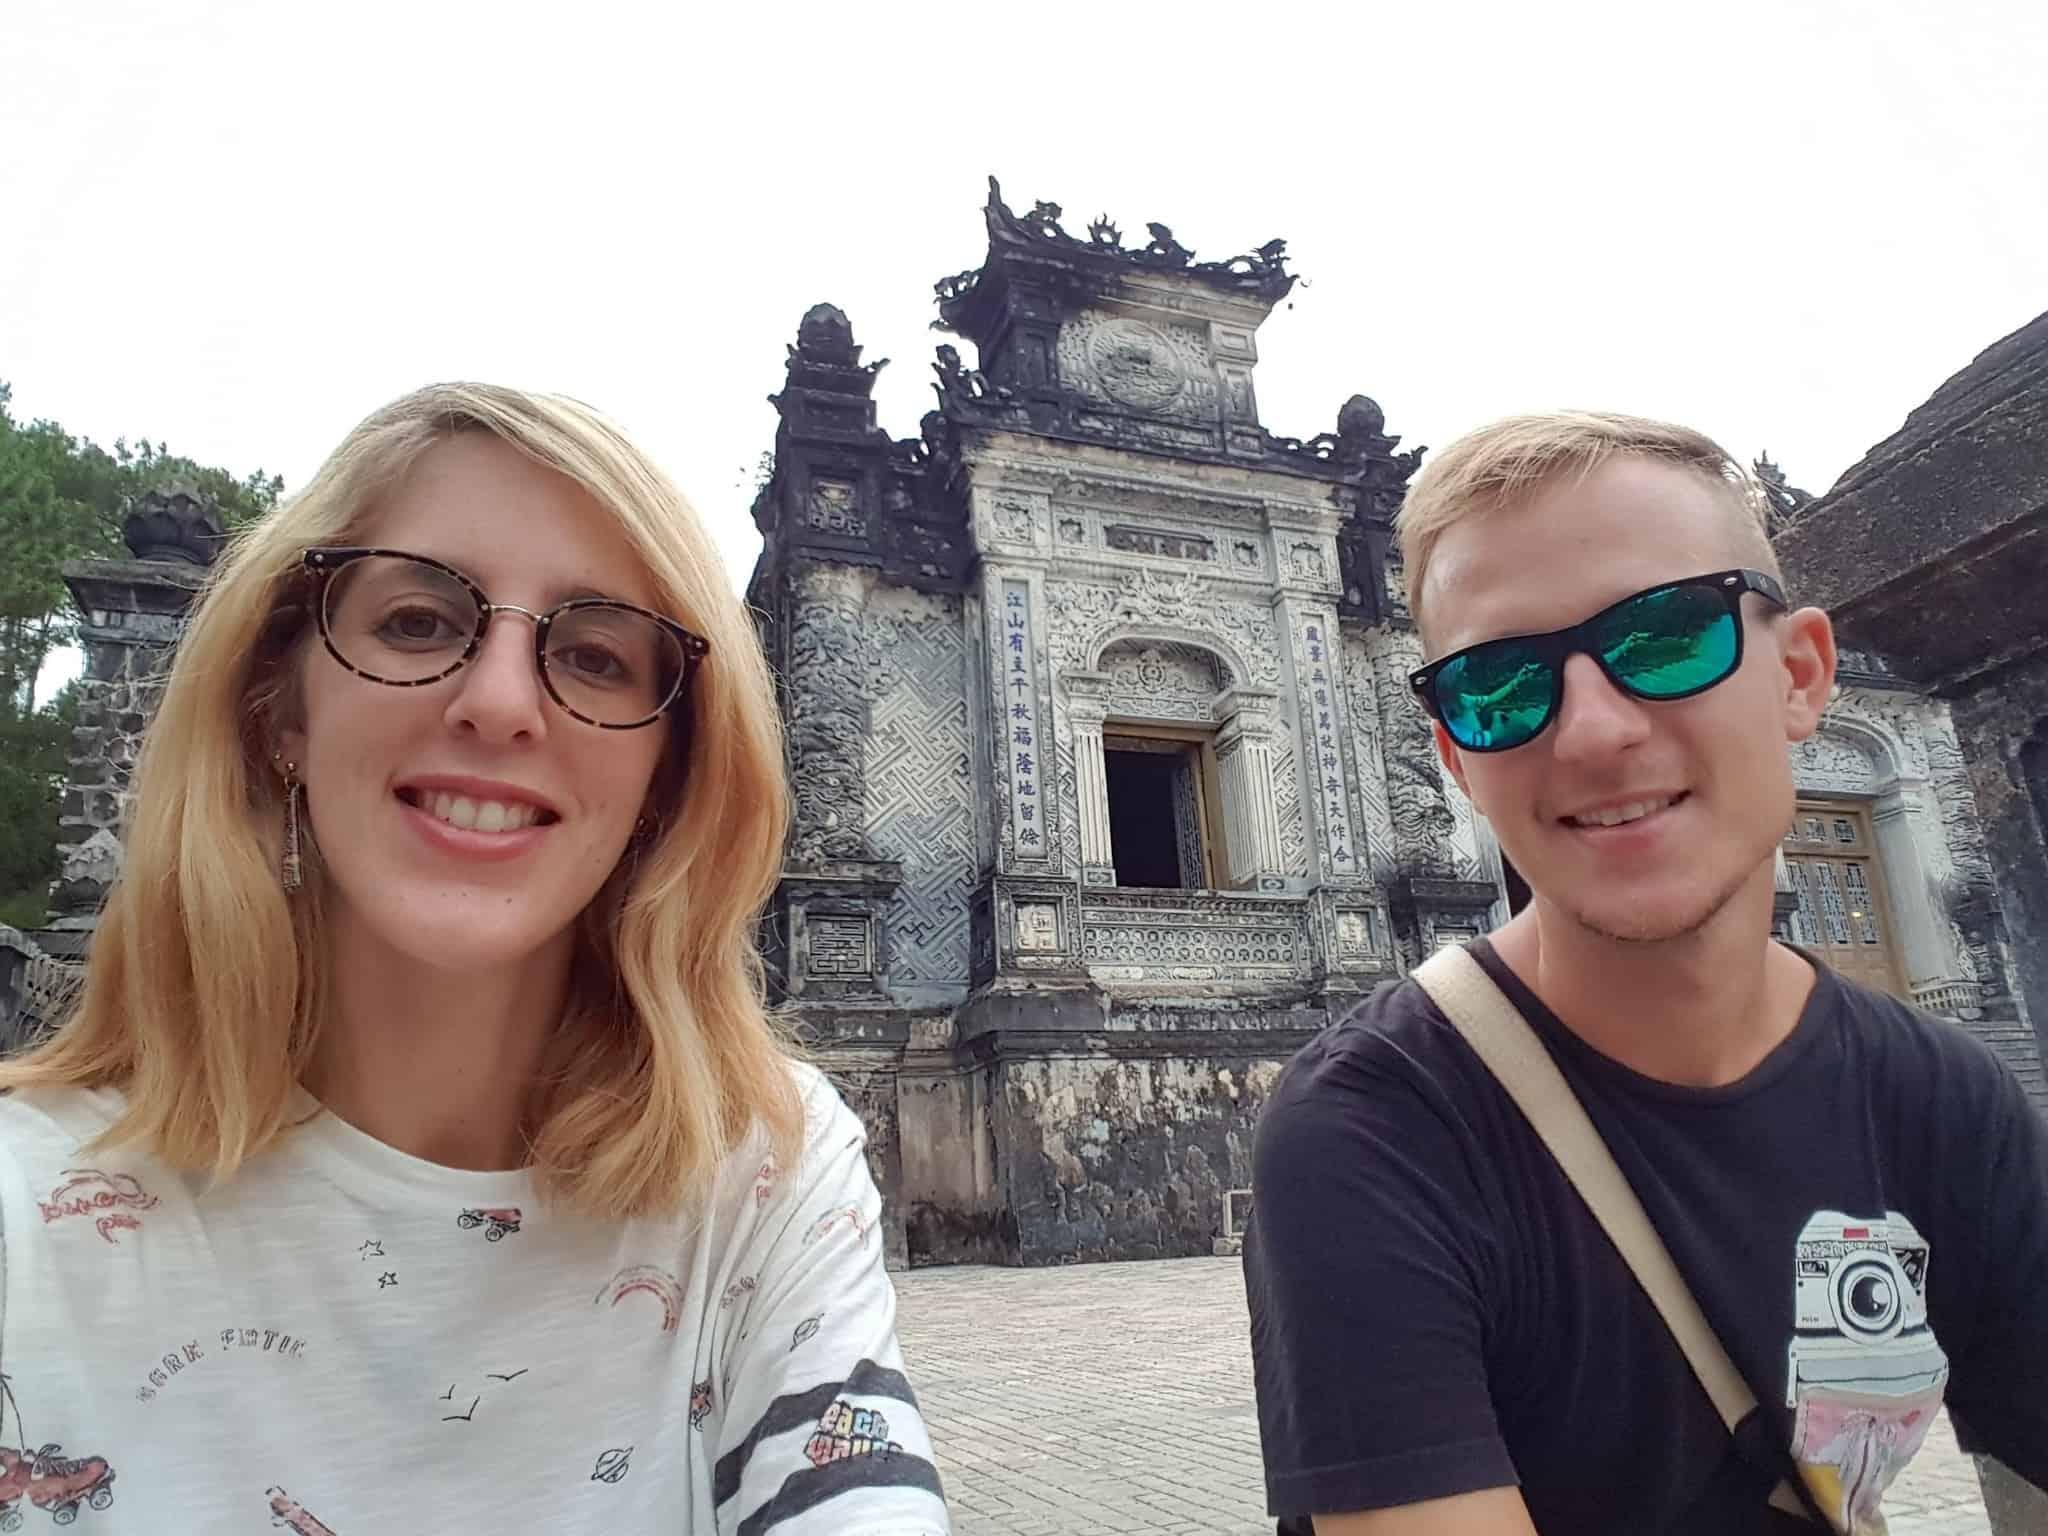 Vietnam, scotchés devant la beauté du mausolée de l'empereur Khai Dinh ⚰ 20